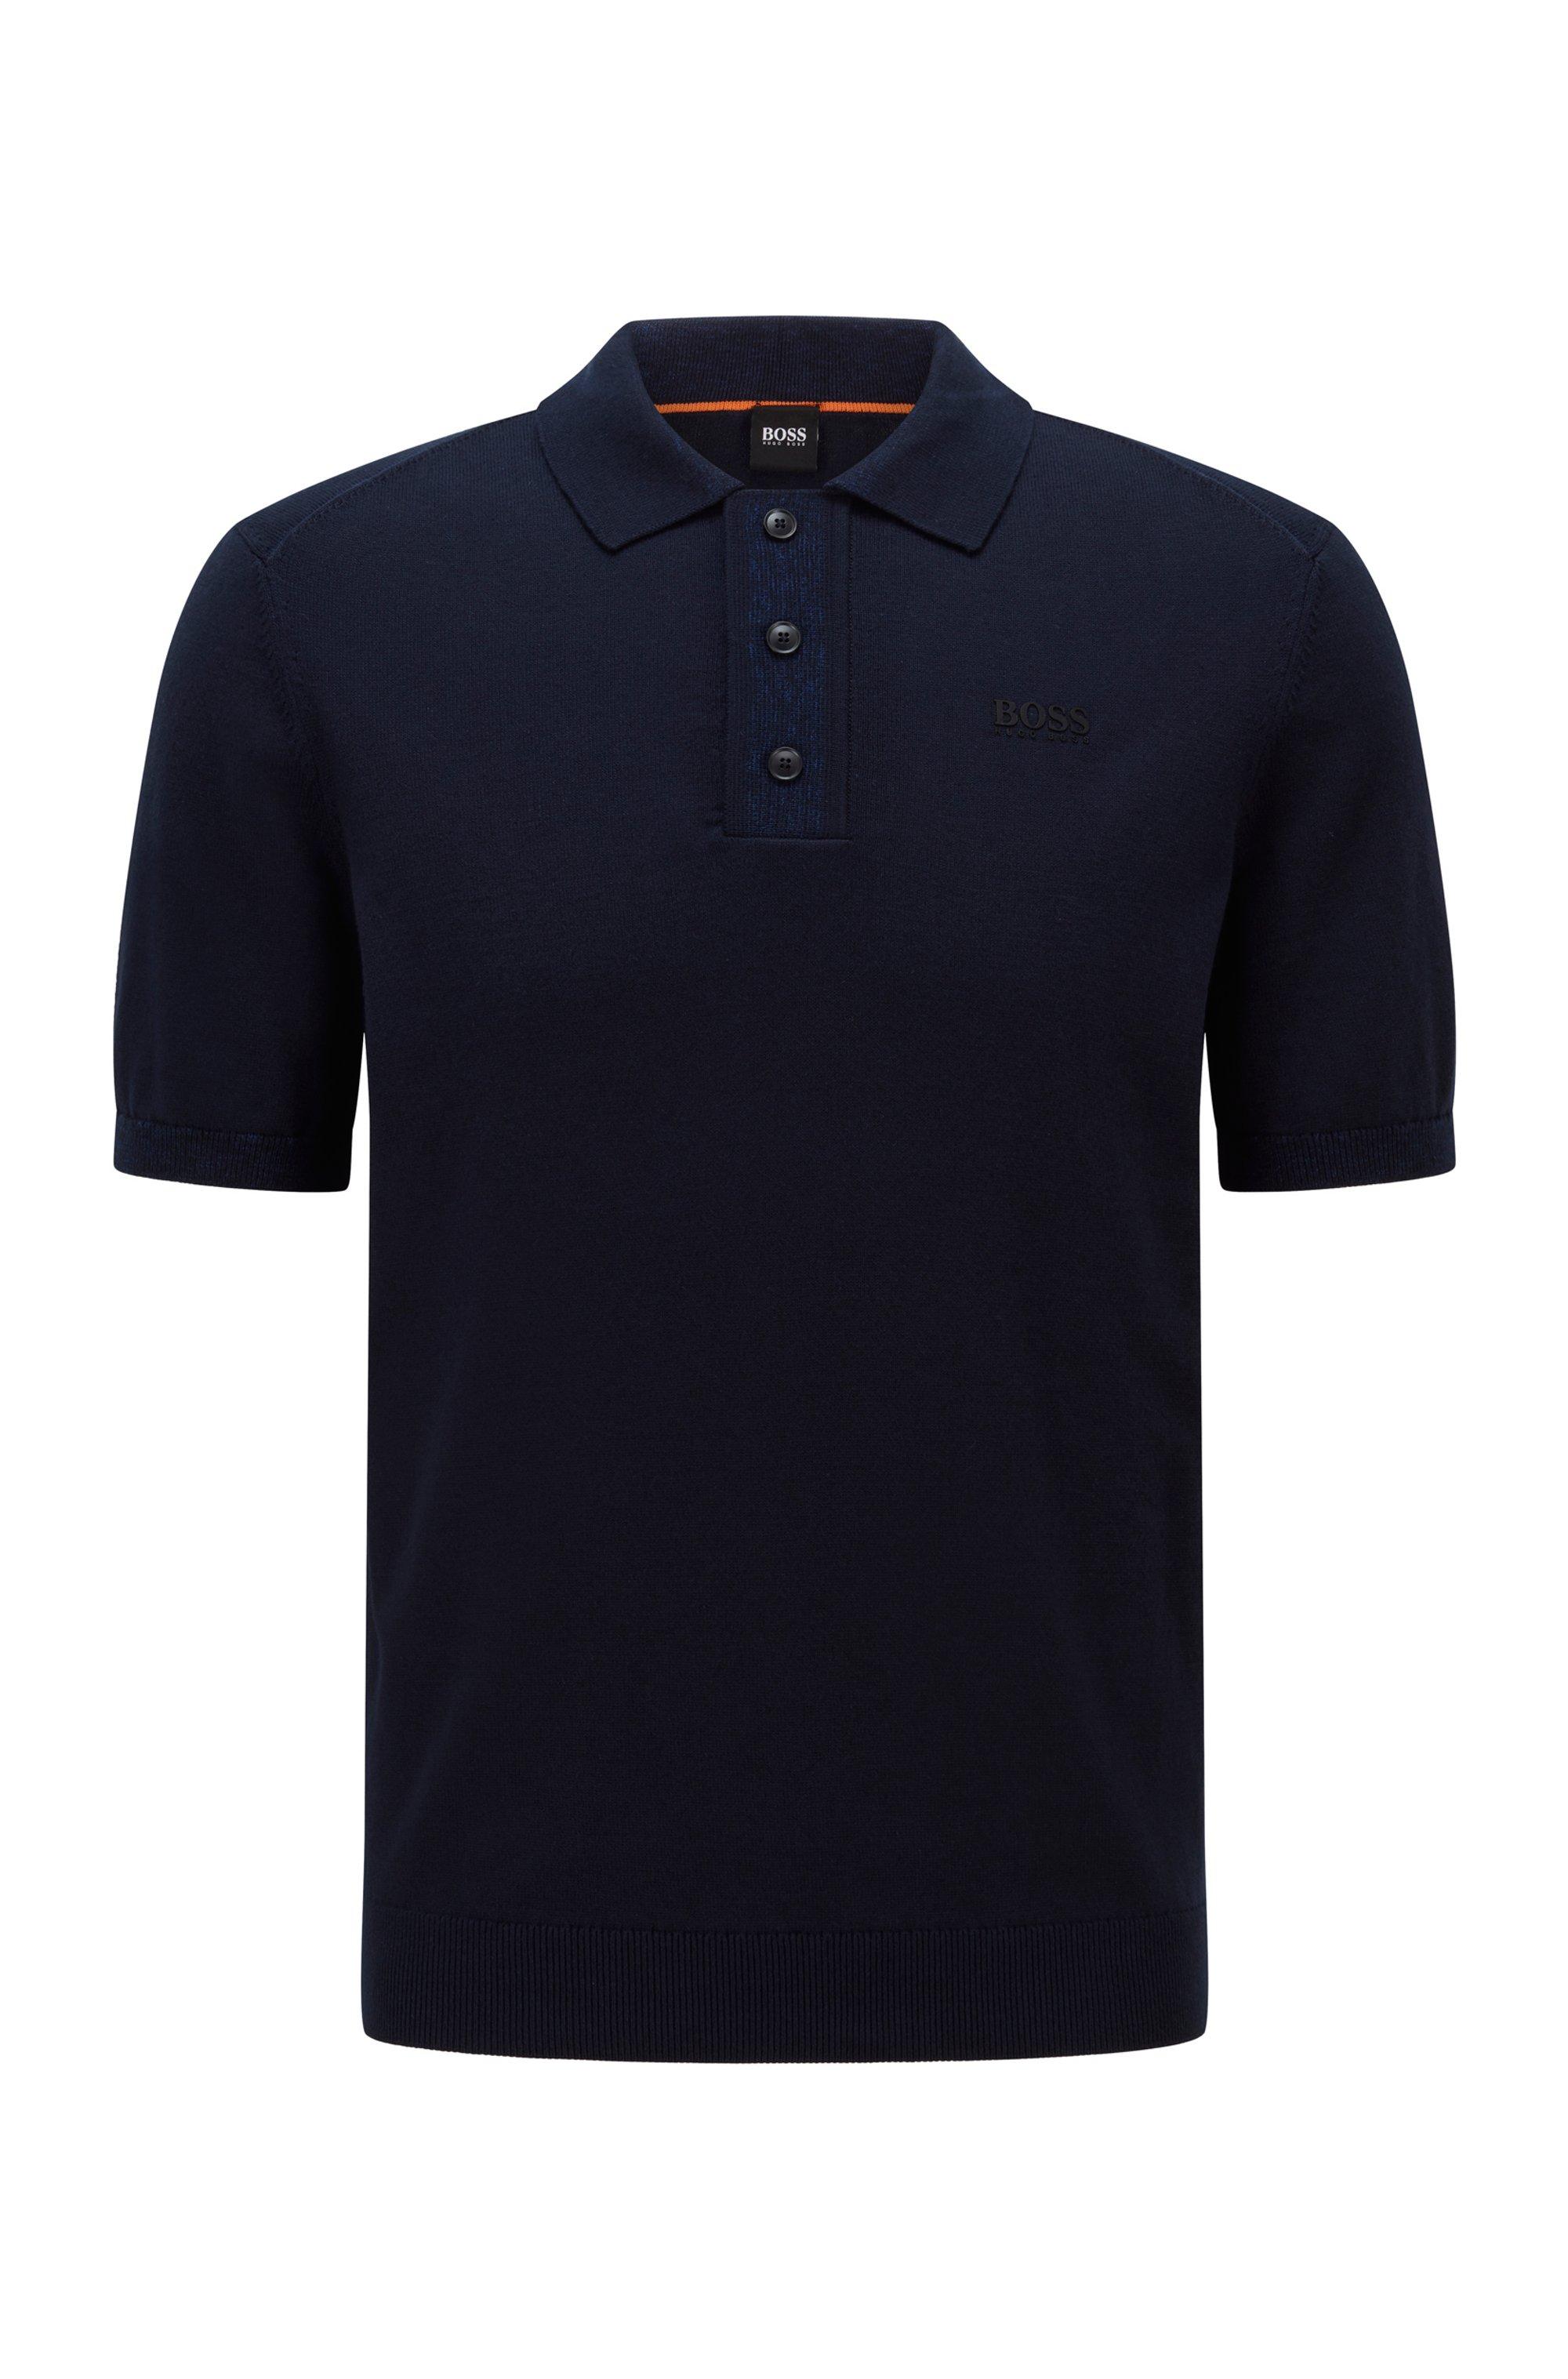 Regular-Fit Pullover mit Transferdruck-Logo und Polokragen, Dunkelblau